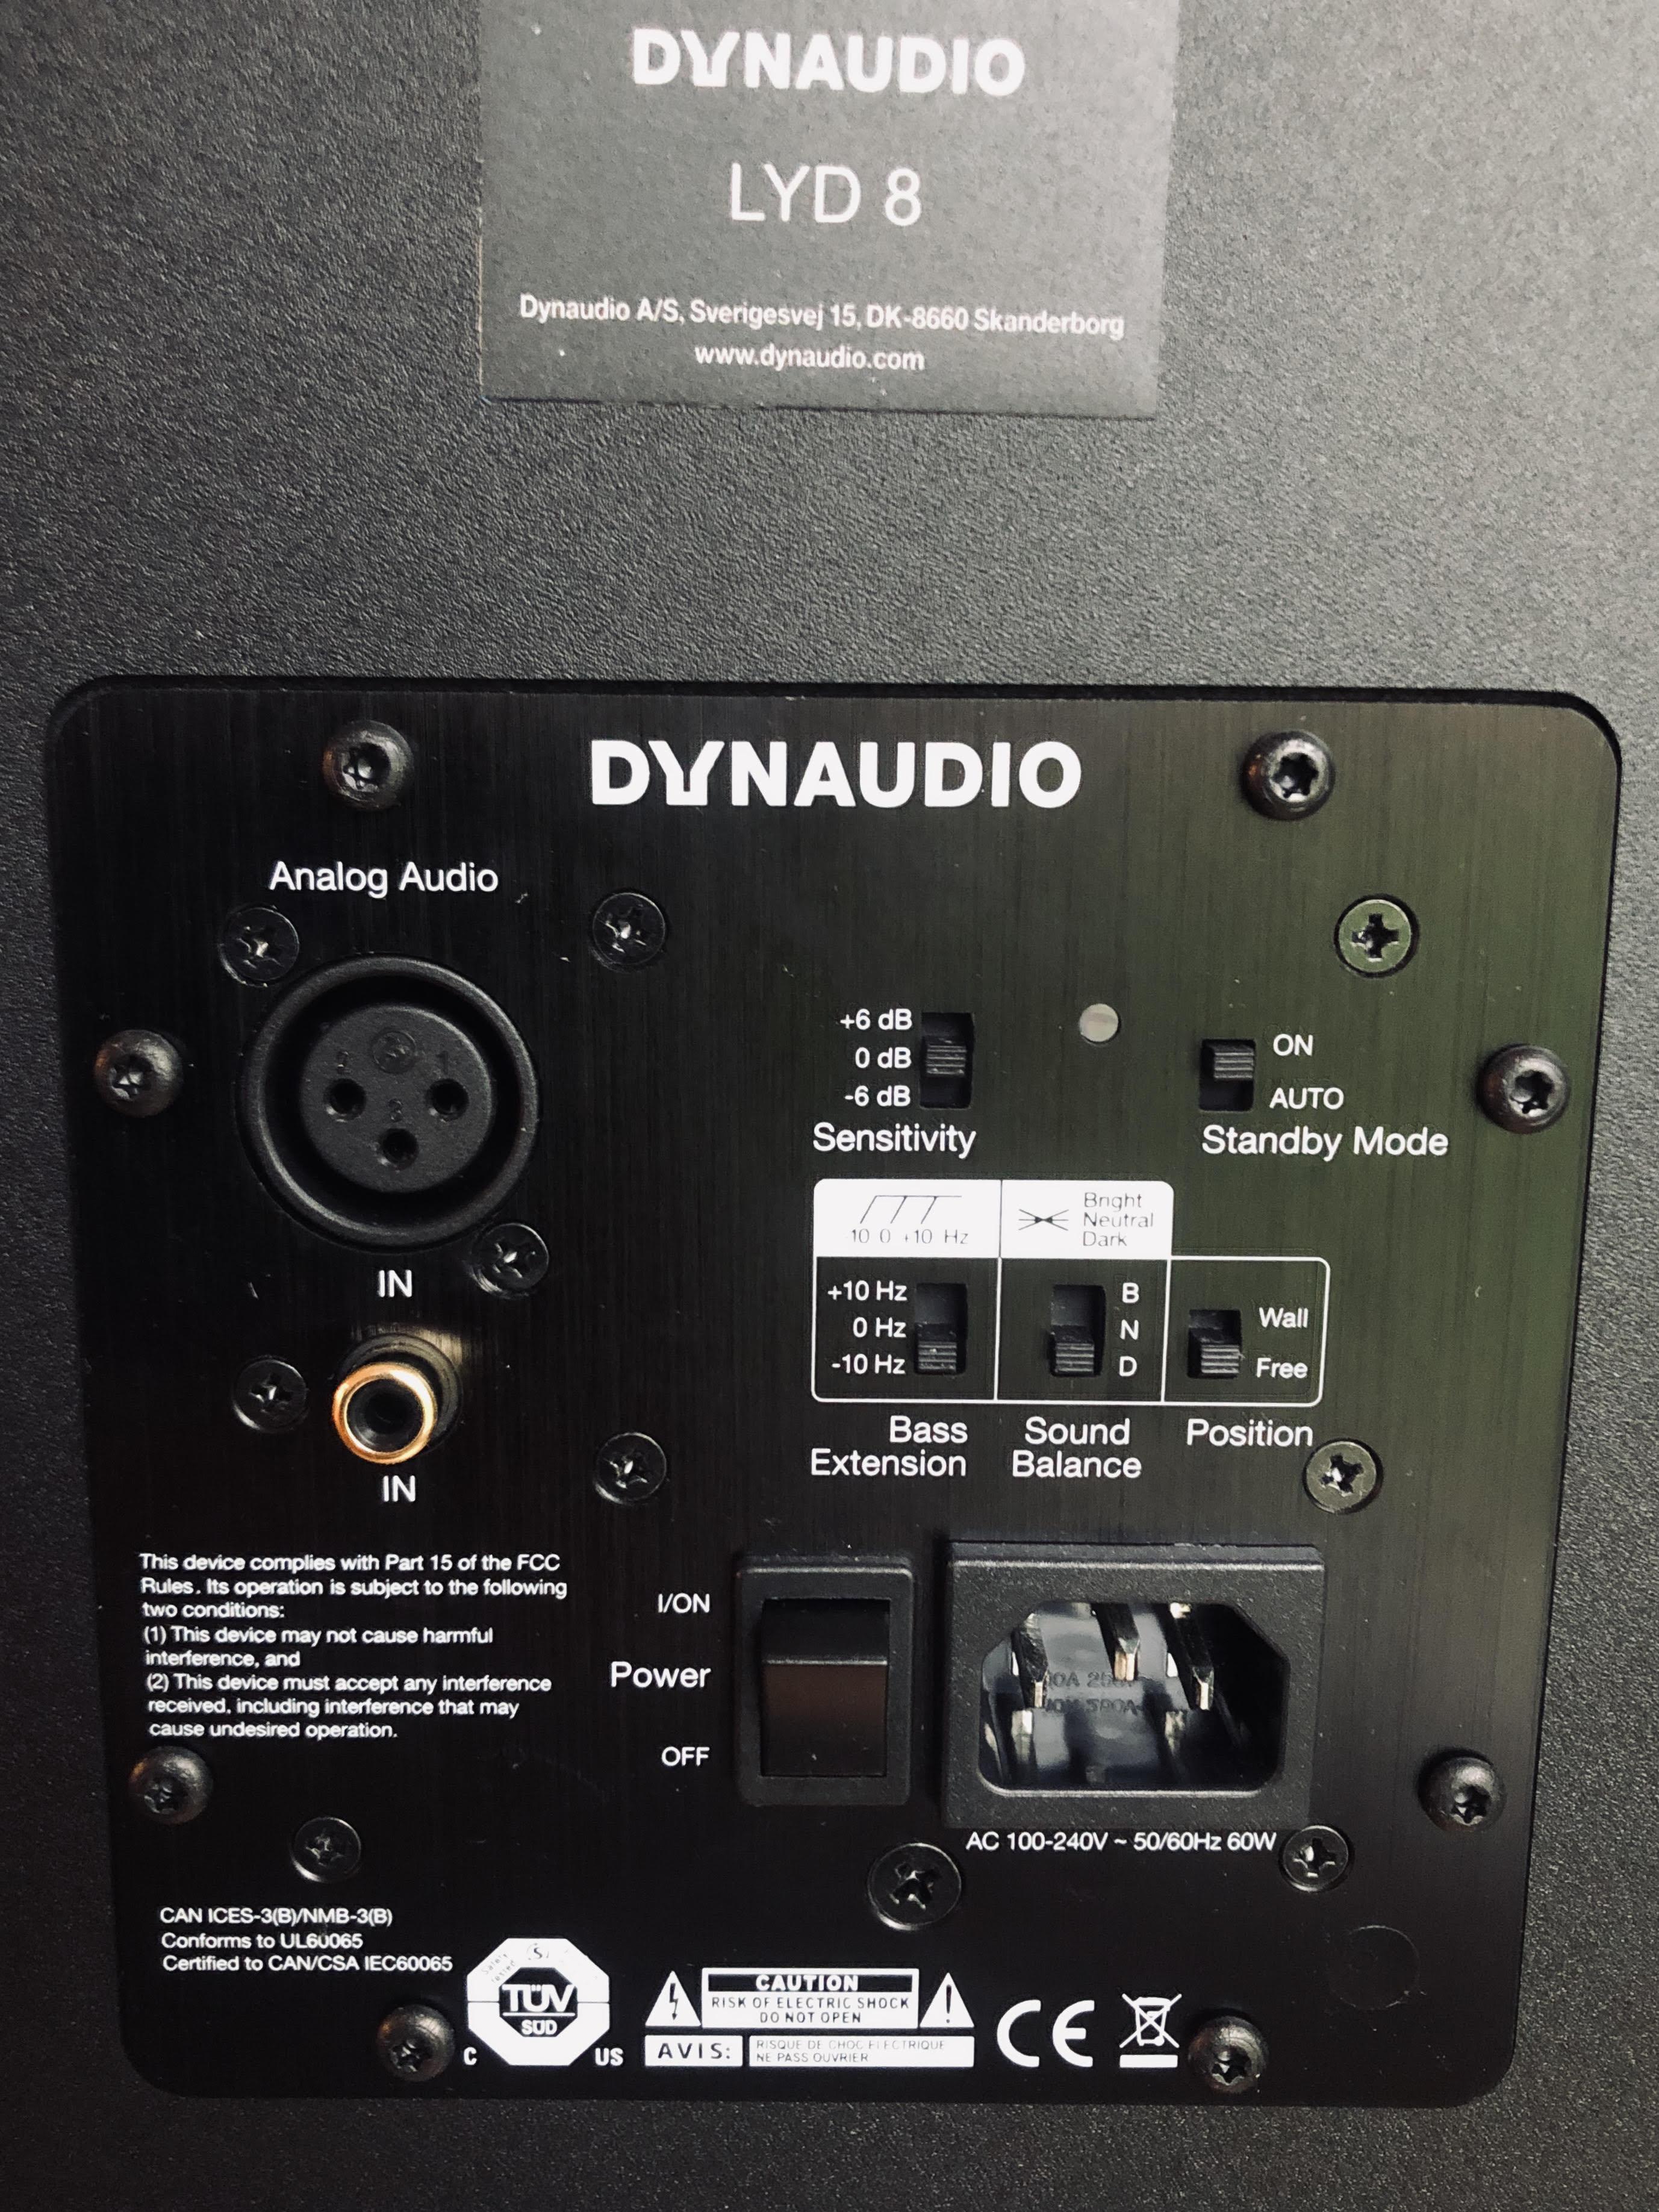 Back of Dynaudio Lyd 8